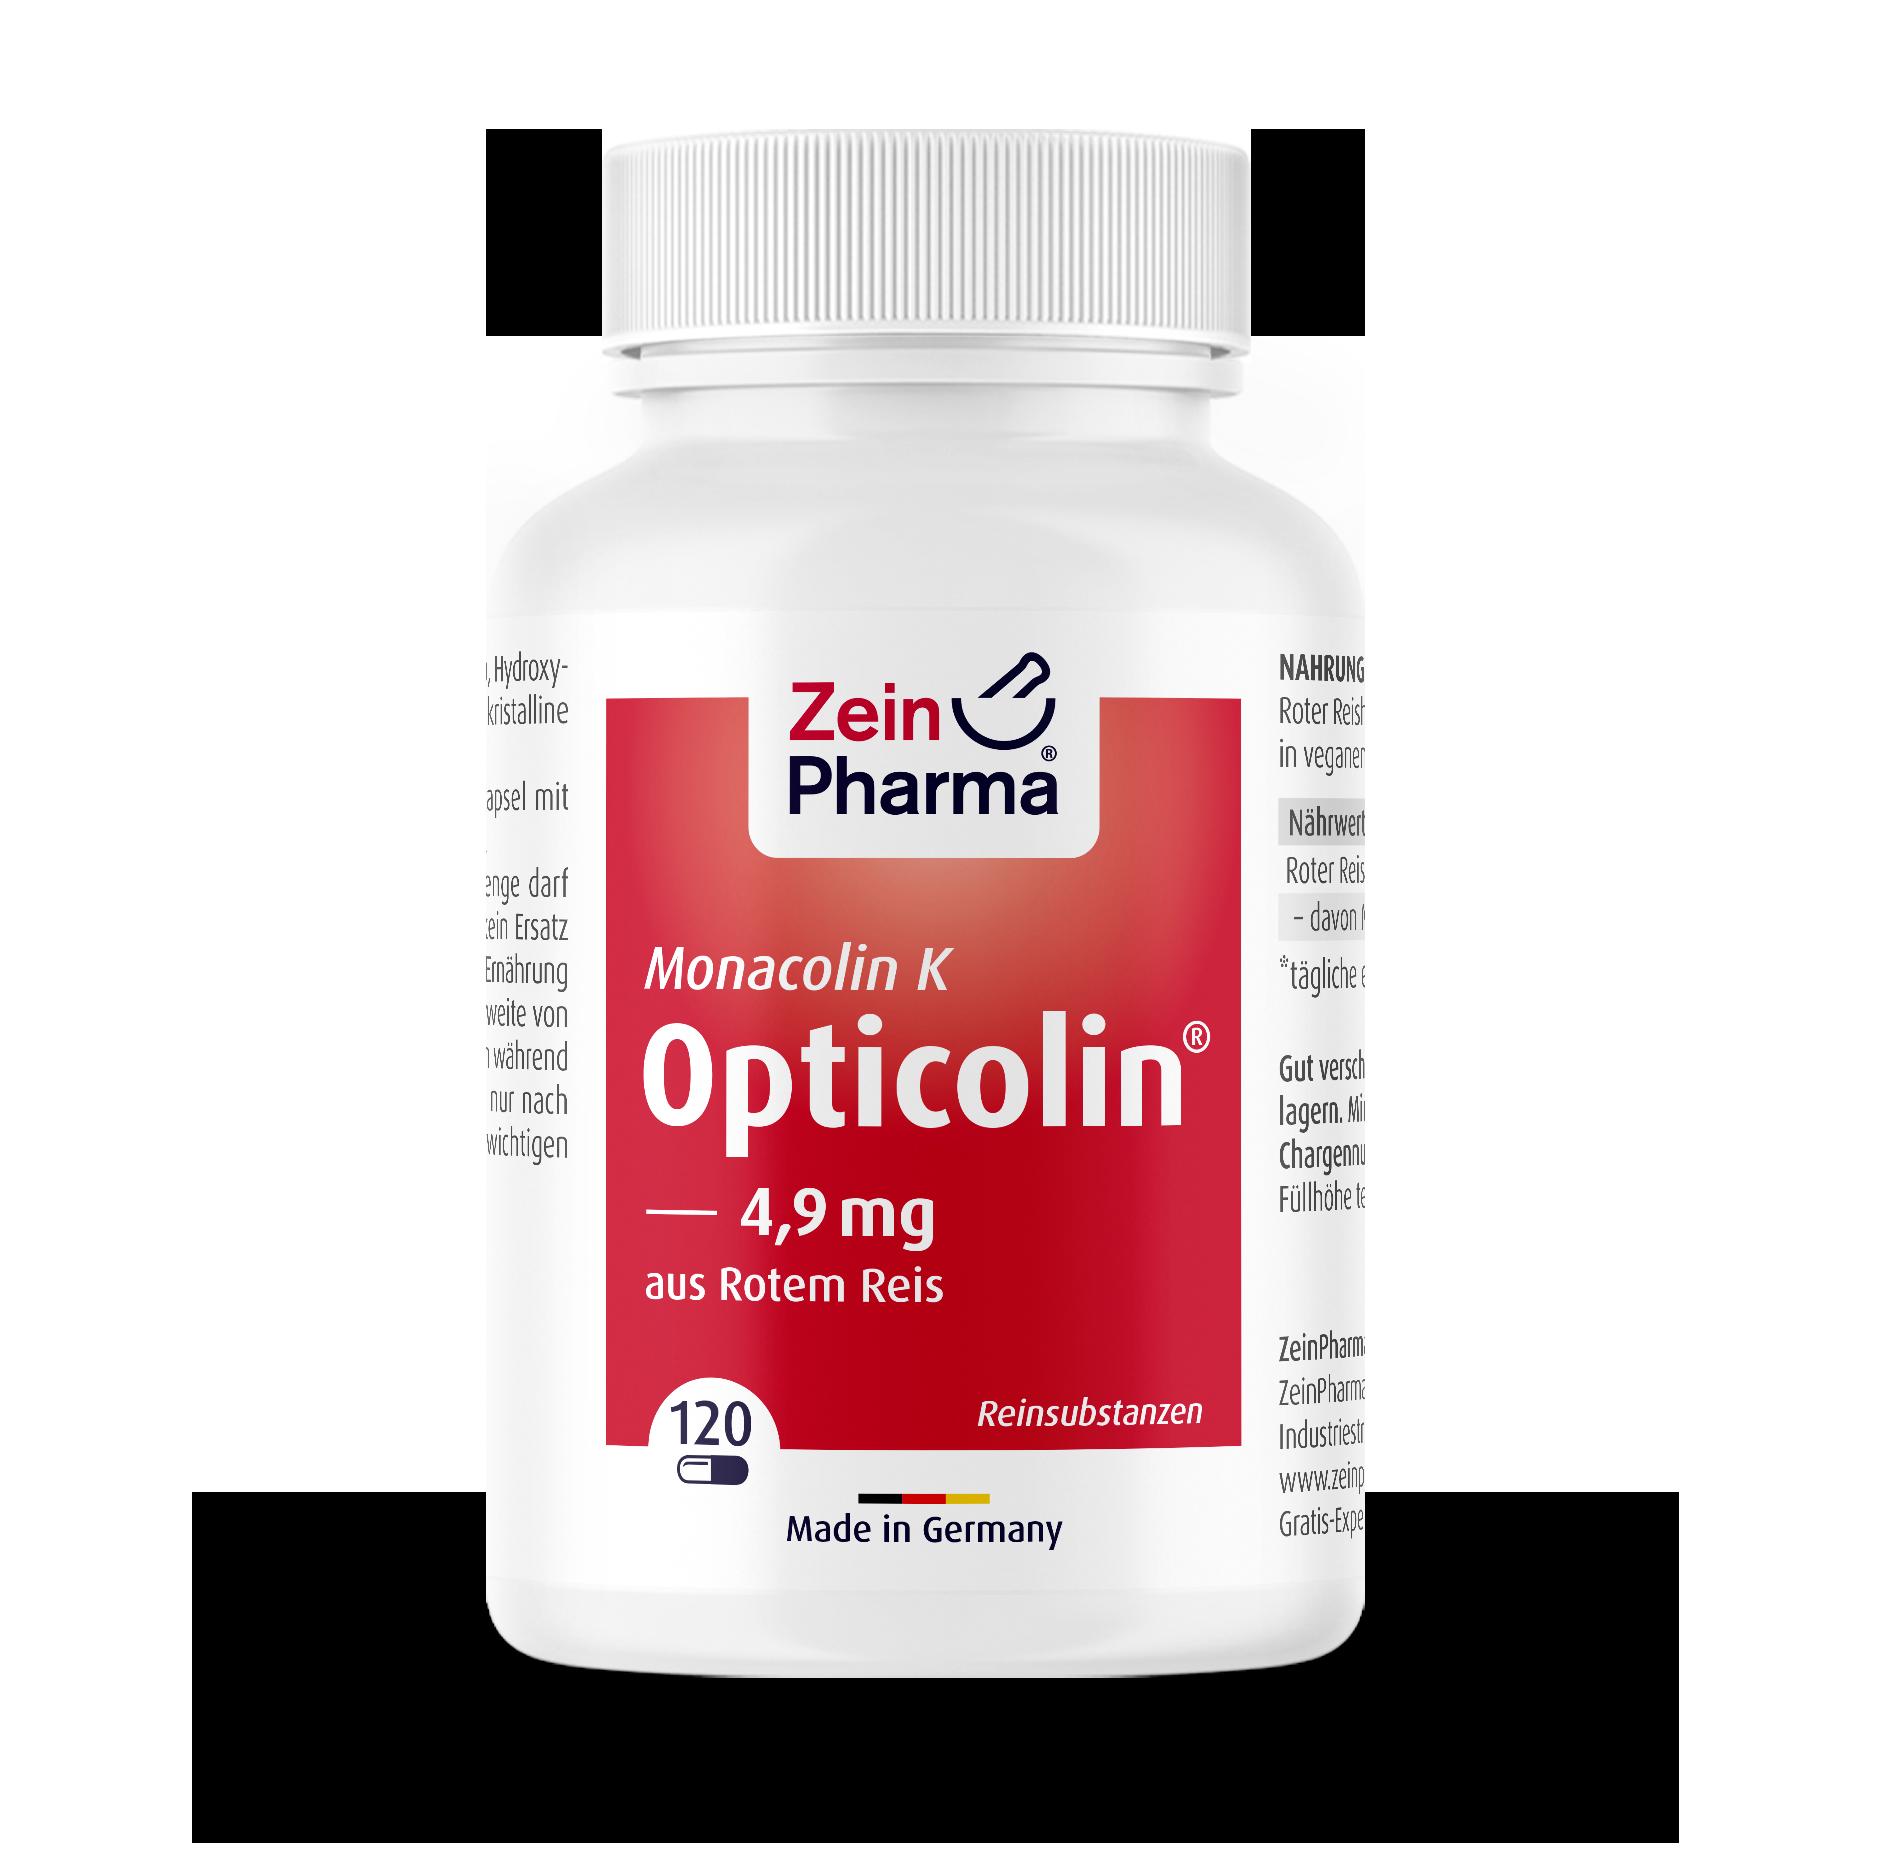 Monacolin K Opticolin Capsules 4,9 mg